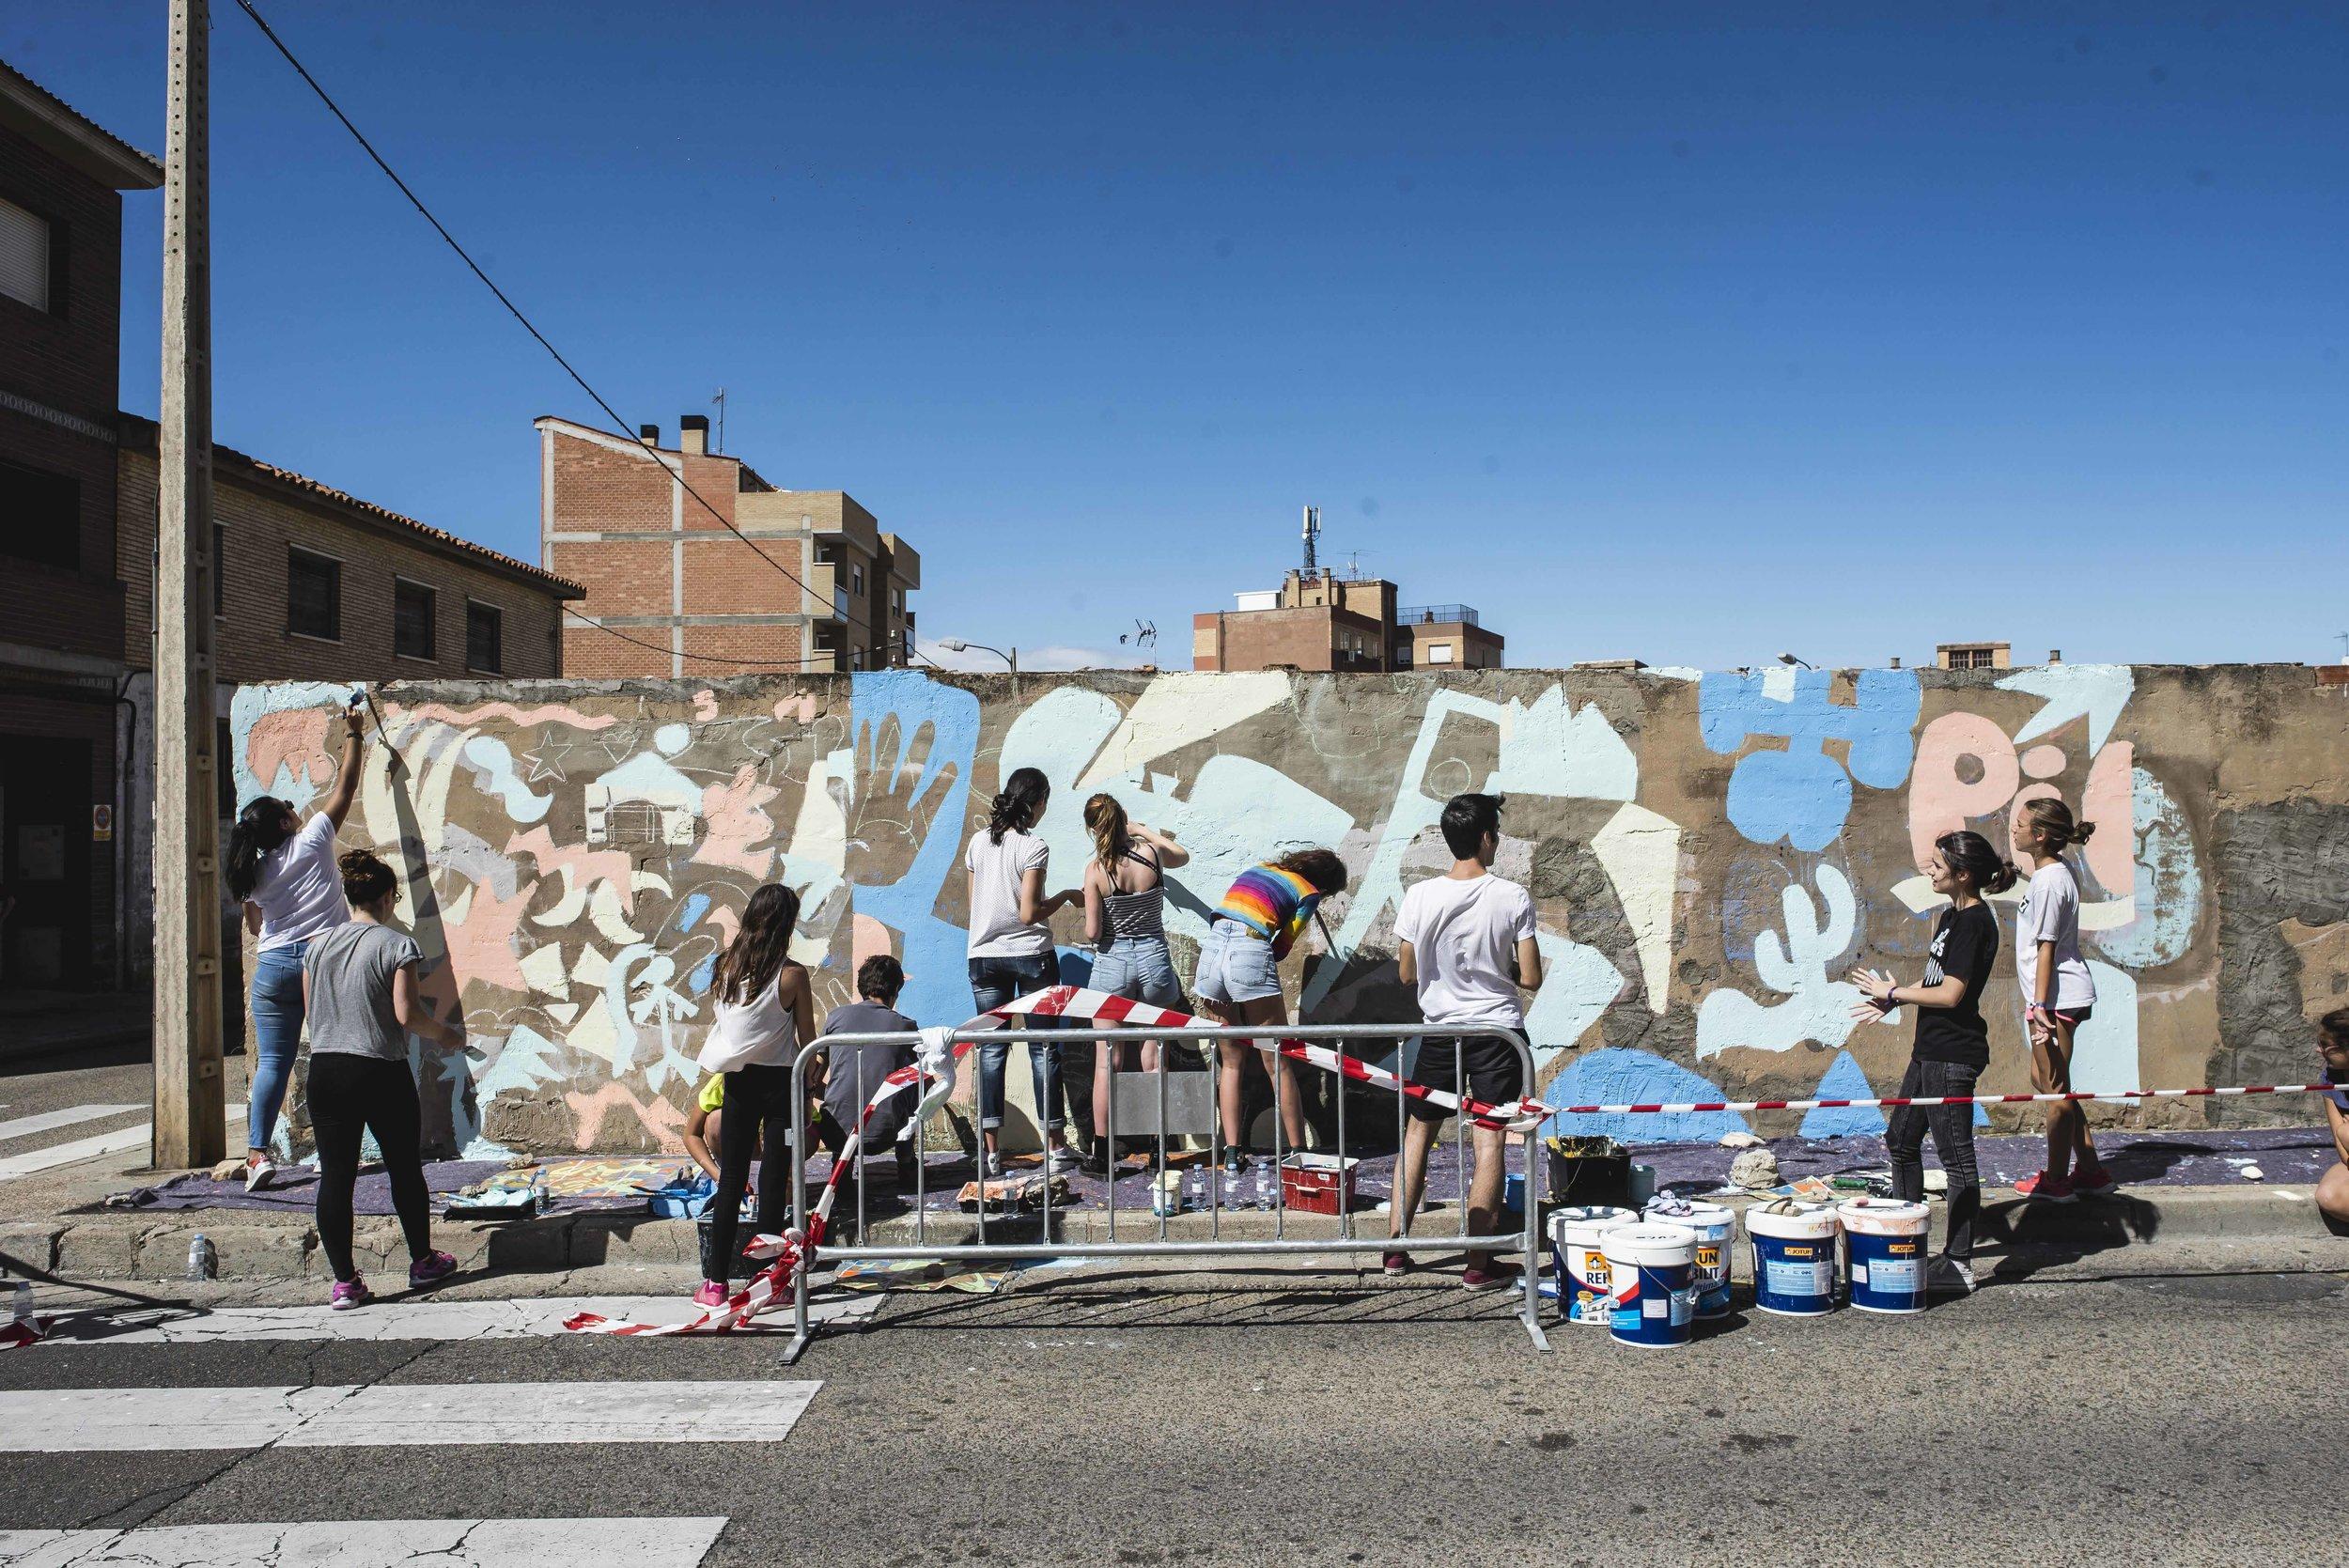 Taller/mural de Cuco y los vecinos de Valdefierro, Zaragoza, 2017.